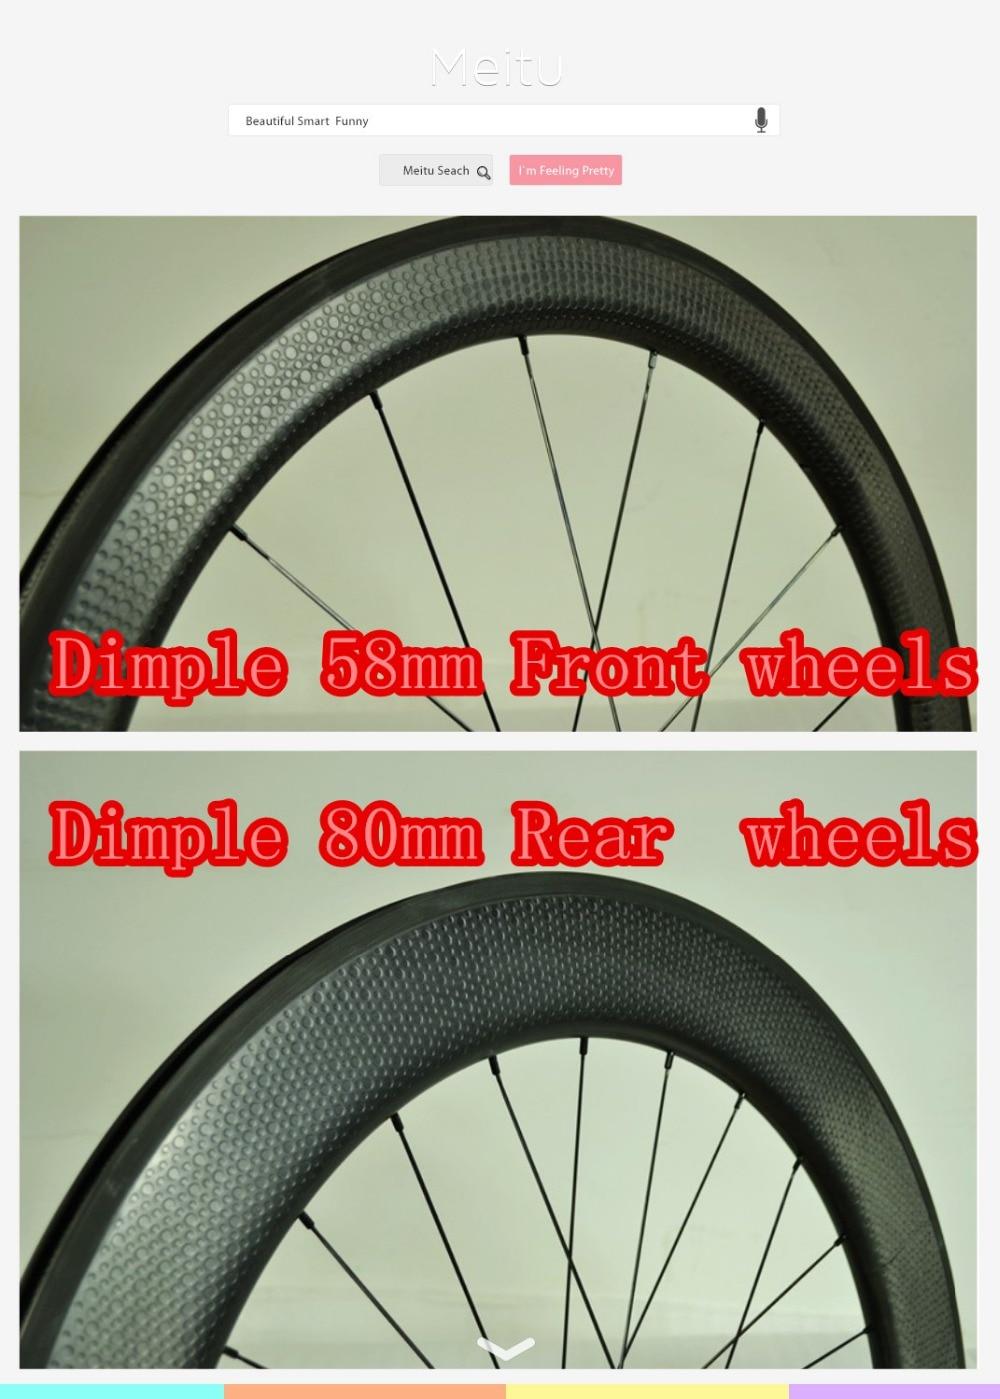 Dimple 58mm+80mm Bicycle carbon wheels dimple surface clincher rims carbon bike wheels carbon wheels bicycle wheels bsalt brake